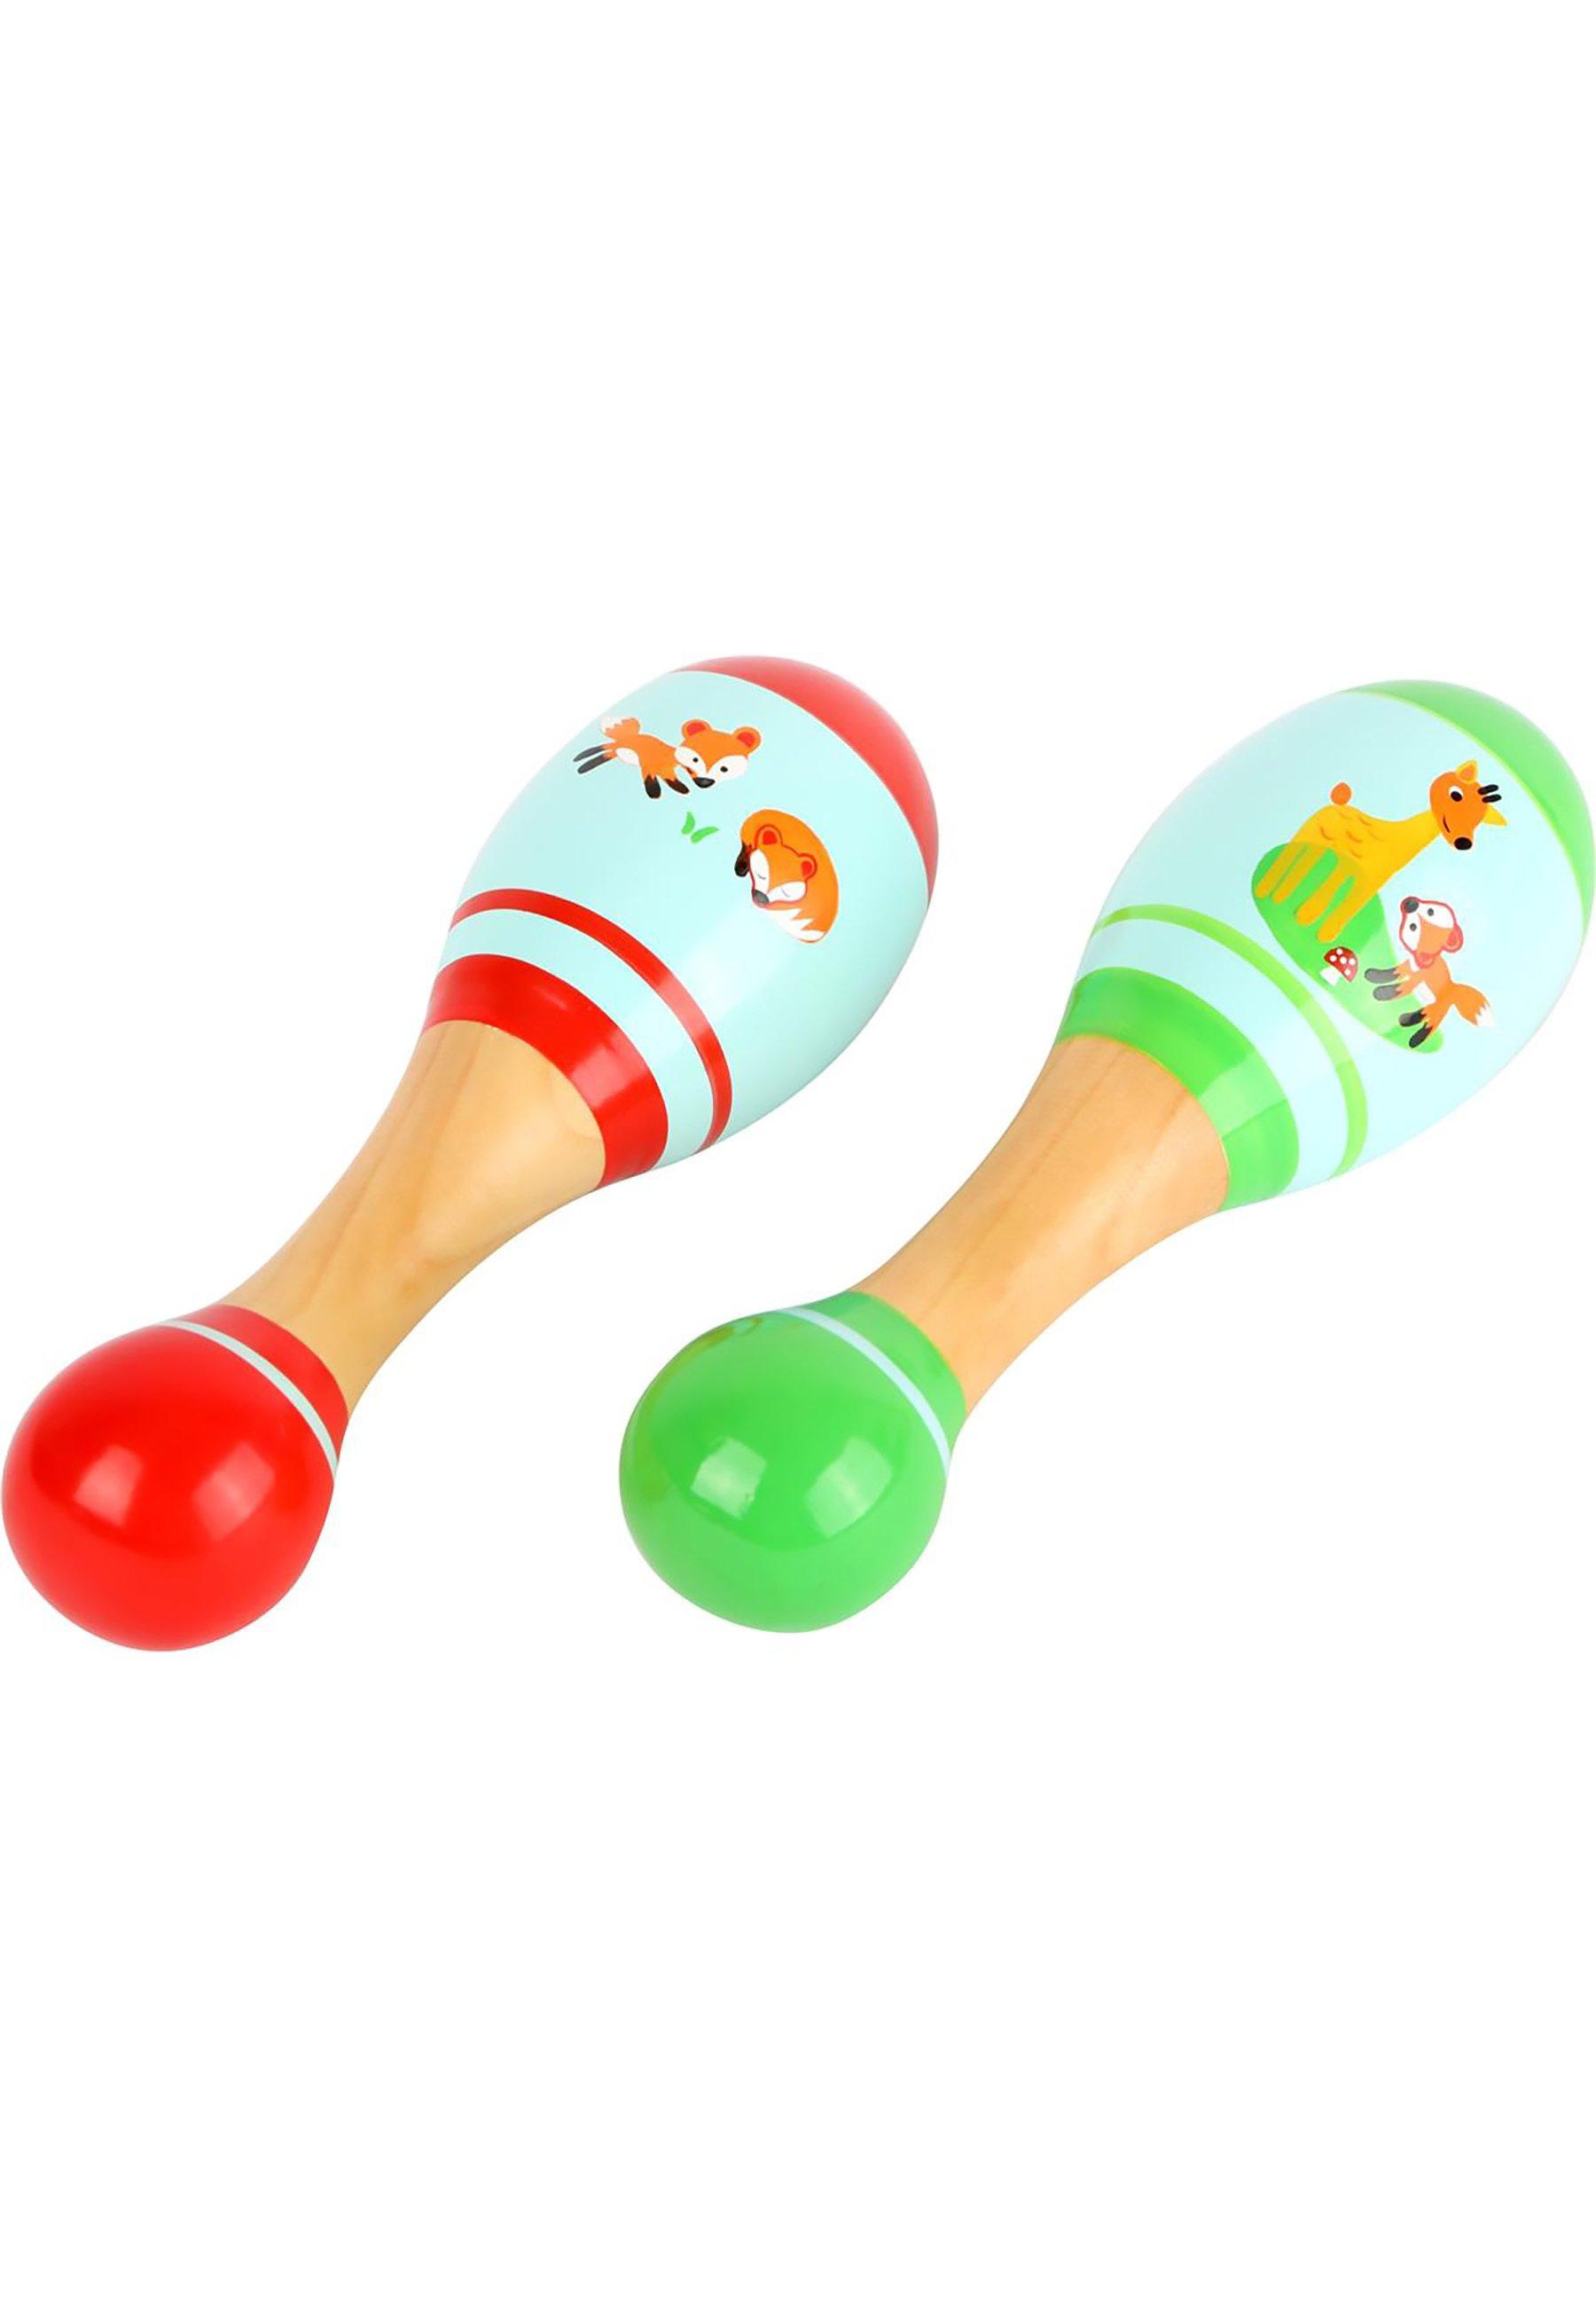 Kinder Holzspielzeug